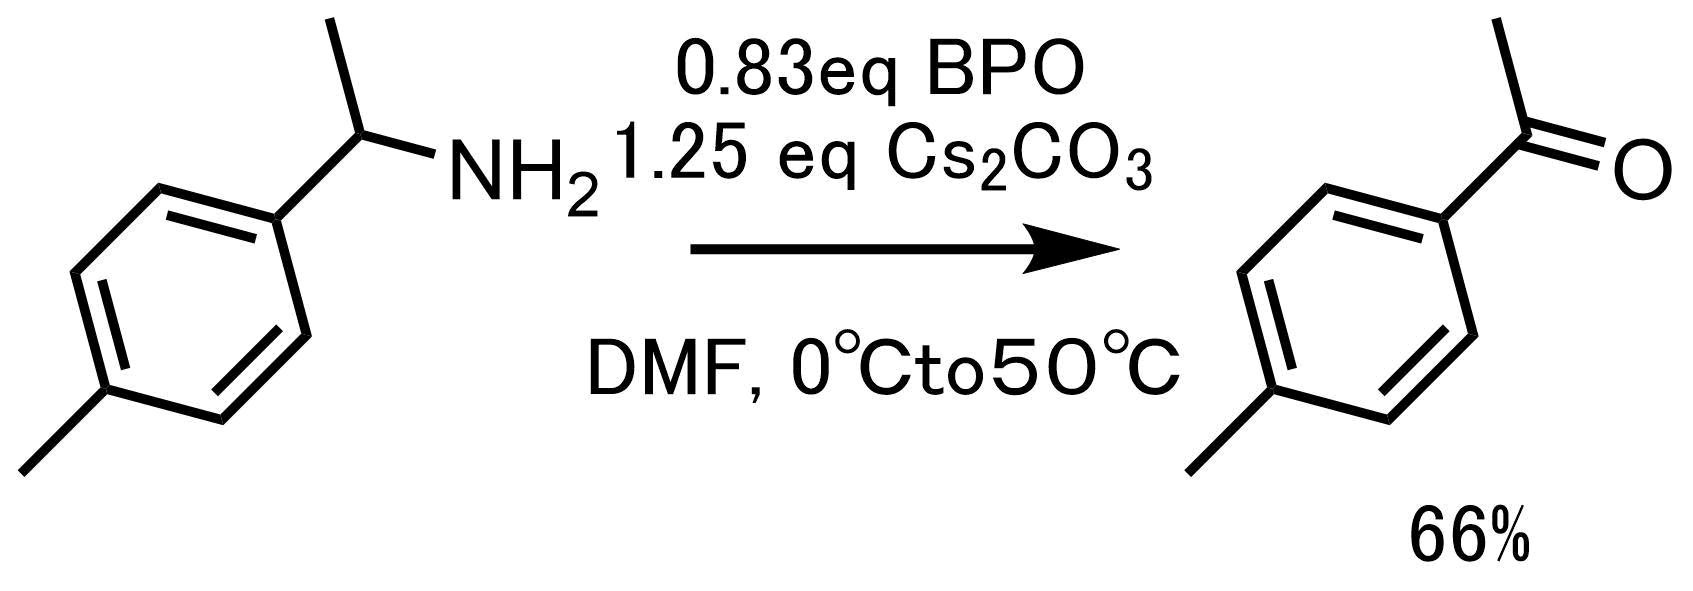 アミンの過酸化ベンゾイルによる酸化